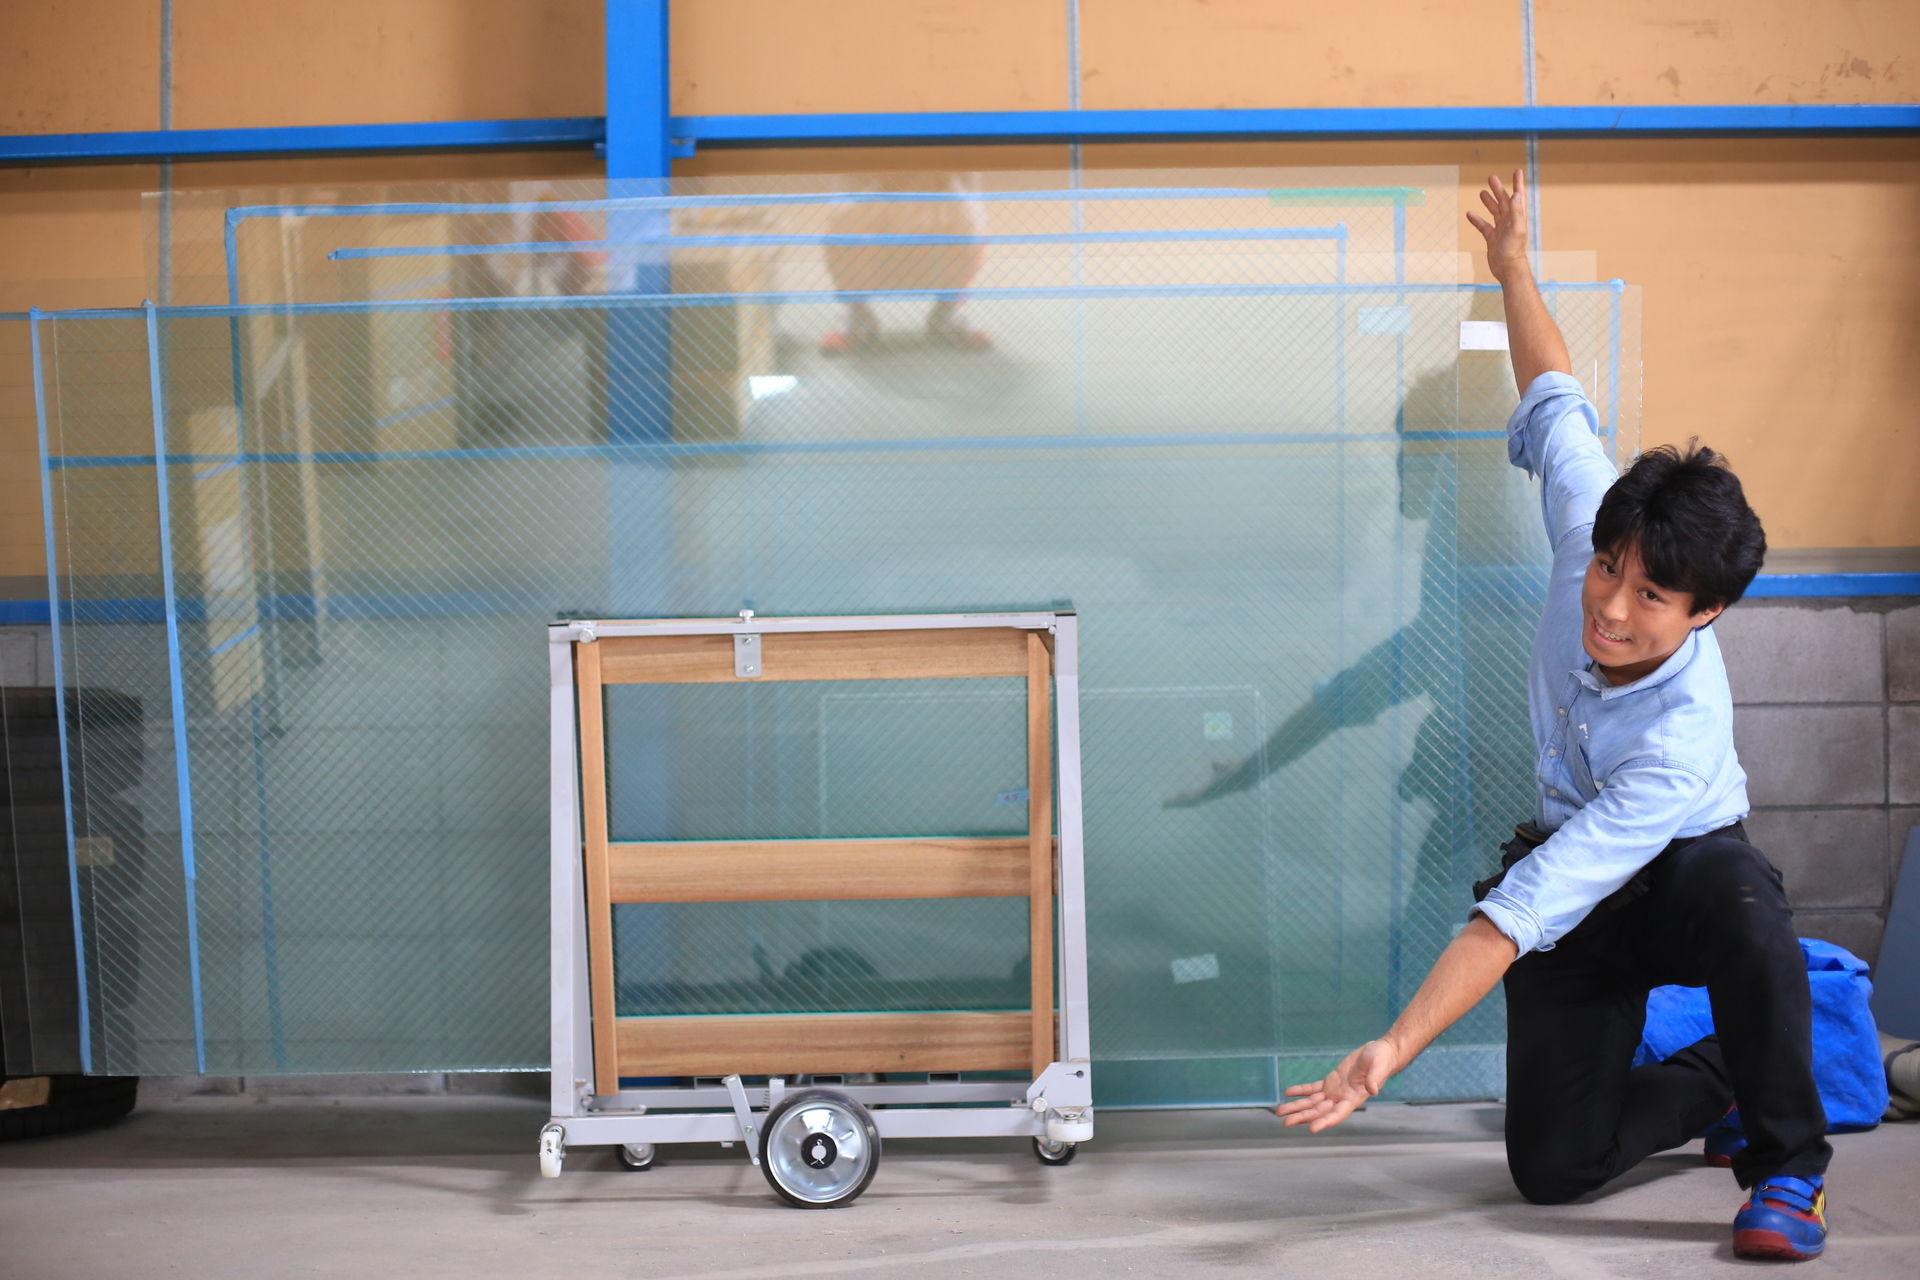 ガラスのトラブル救急車【大阪市西淀川区 出張エリア】のメイン画像